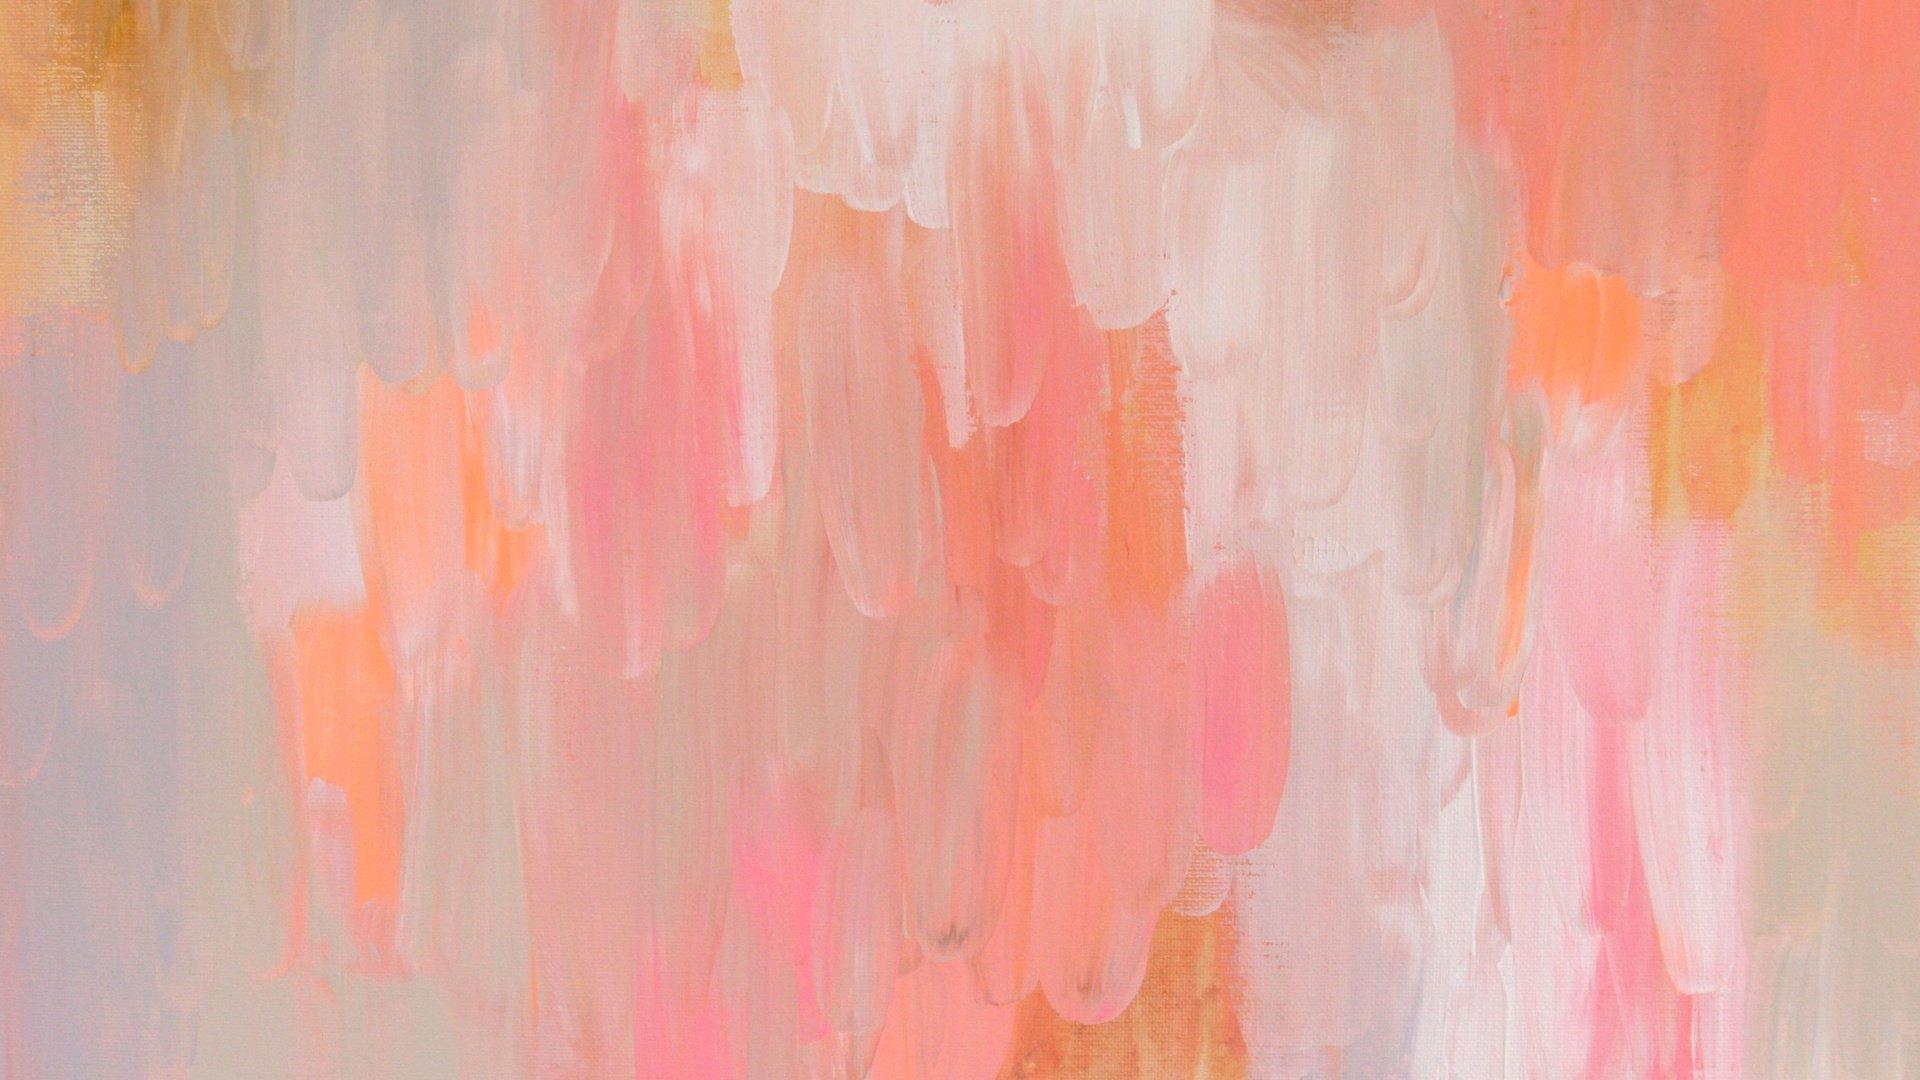 Pastel Pink Wallpaper Free